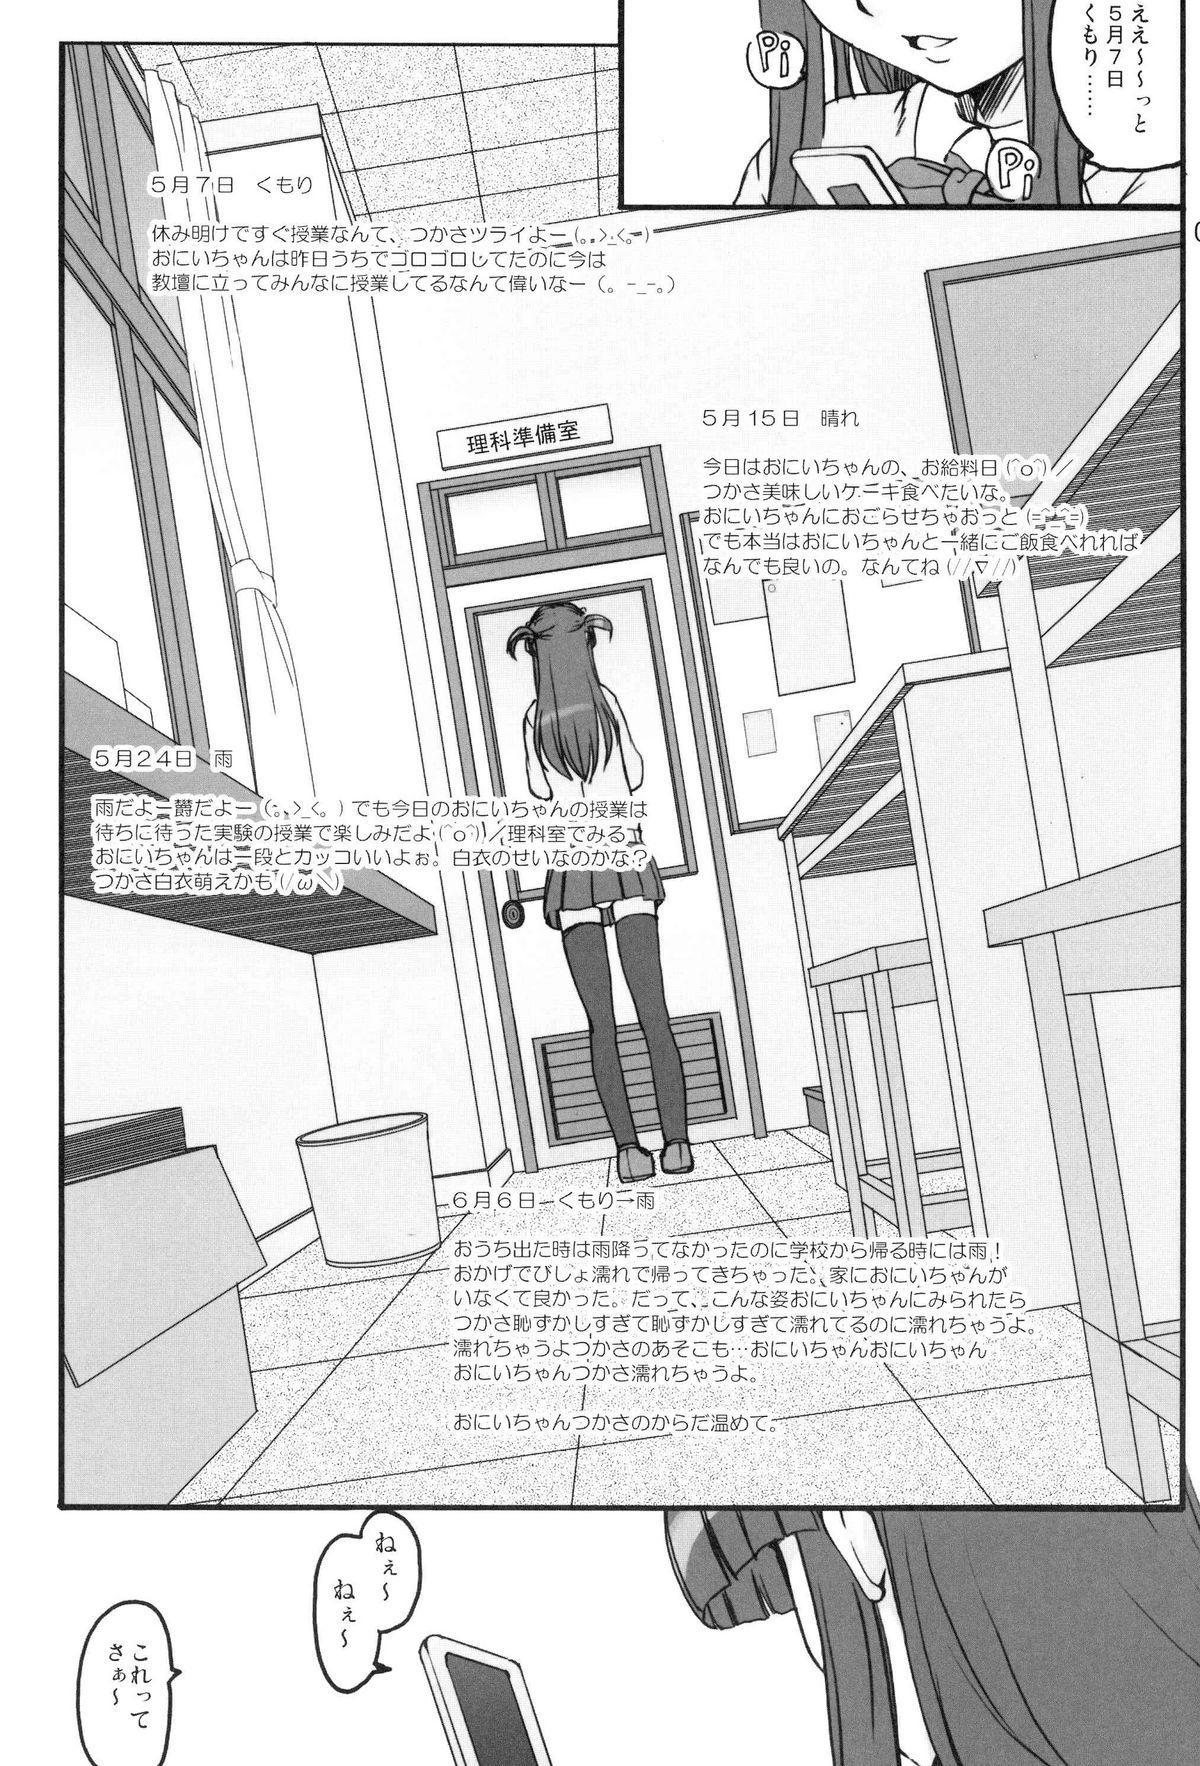 Tsukasa Blog 7